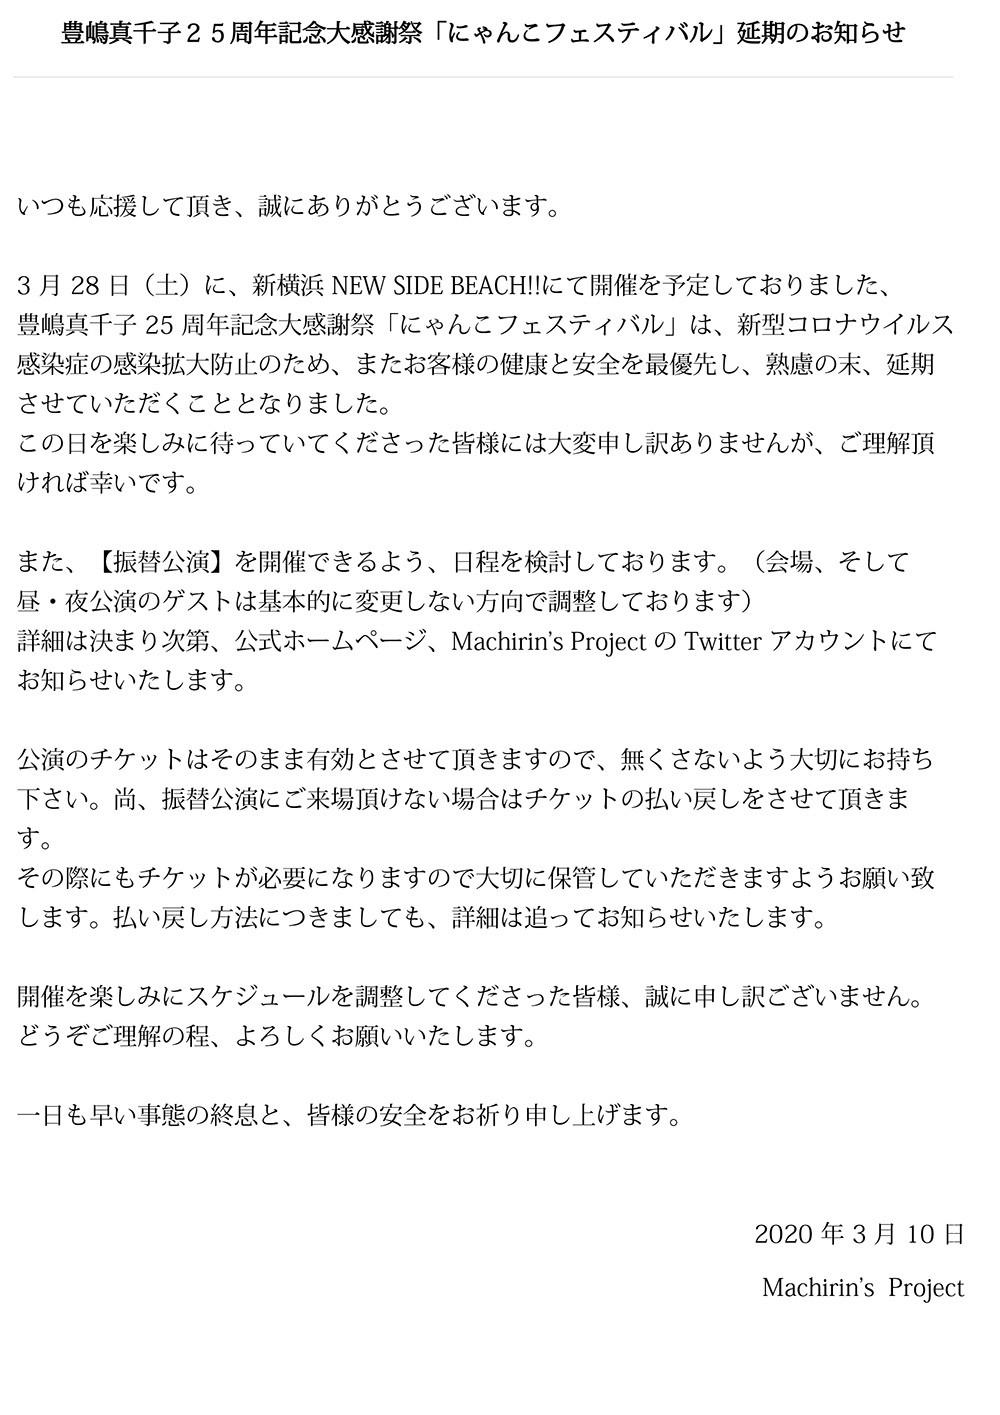 公演延期のお知らせ A.jpg